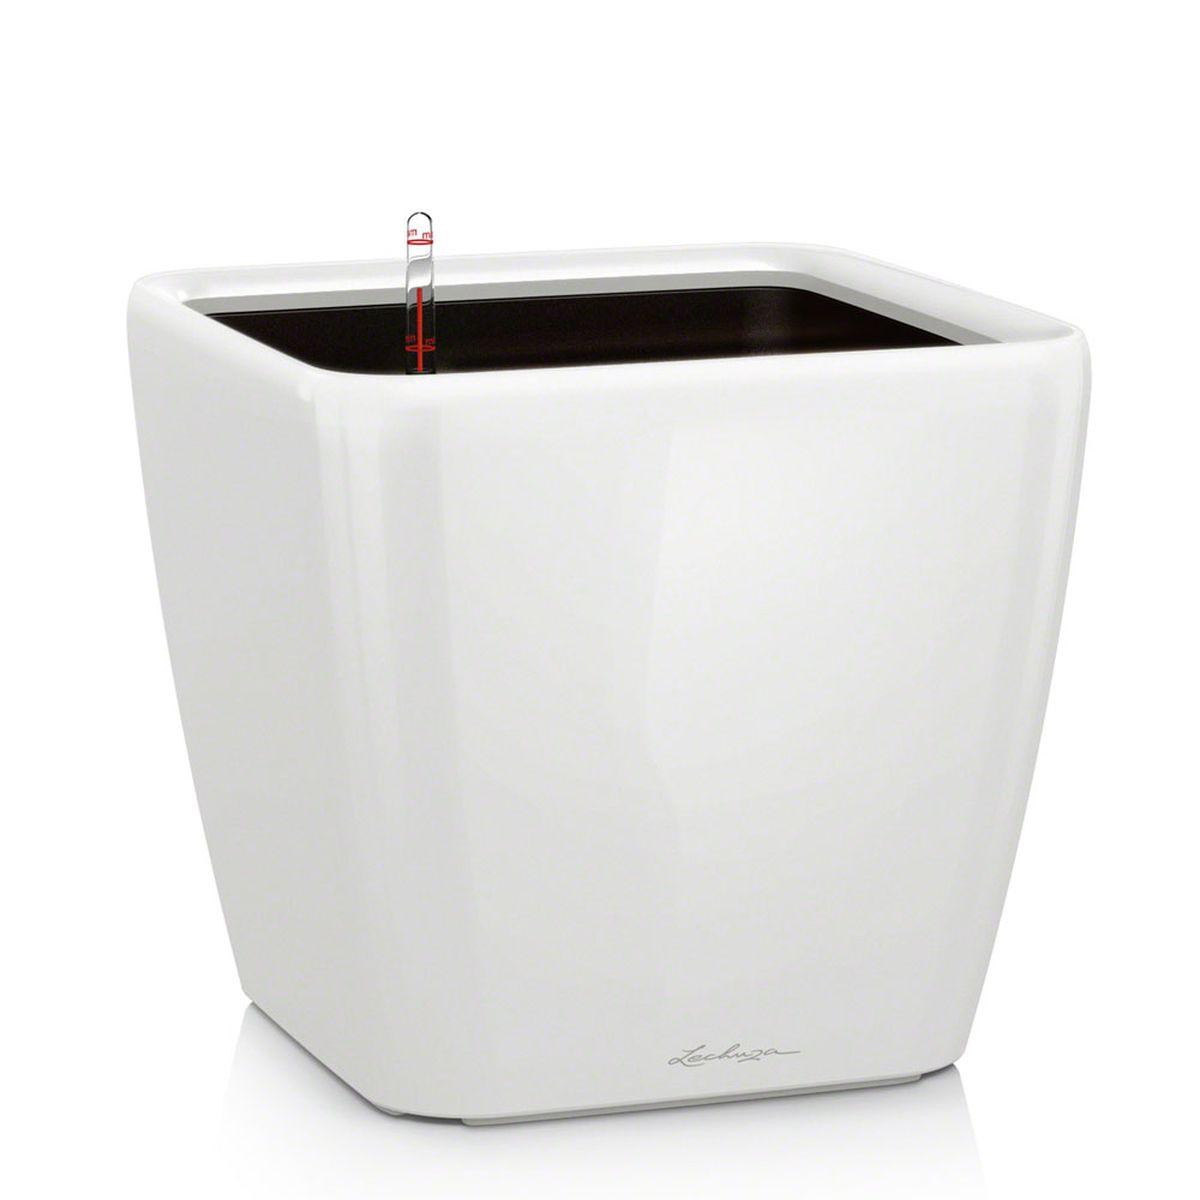 Кашпо Lechuza Quadro, с системой автополива, цвет: белый, 21 х 21 х 20 смB-0304Кашпо Lechuza Quadro, выполненное из высококачественного пластика, имеет уникальную систему автополива, благодаря которой корневая система растения непрерывно снабжается влагой из резервуара. Уровень воды в резервуаре контролируется с помощью специального индикатора. В зависимости от размера кашпо и растения воды хватает на 2-12 недель. Это способствует хорошему росту цветов и предотвращает переувлажнение.В набор входит: кашпо, внутренний горшок с выдвижной эргономичной ручкой, индикатор уровня воды, вал подачи воды, субстрат растений в качестве дренажного слоя, резервуар для воды.Кашпо Lechuza Quadro прекрасно впишется в любой интерьер. Оно поможет расставить нужные акценты, а также придаст помещению вид, соответствующий вашим представлениям.